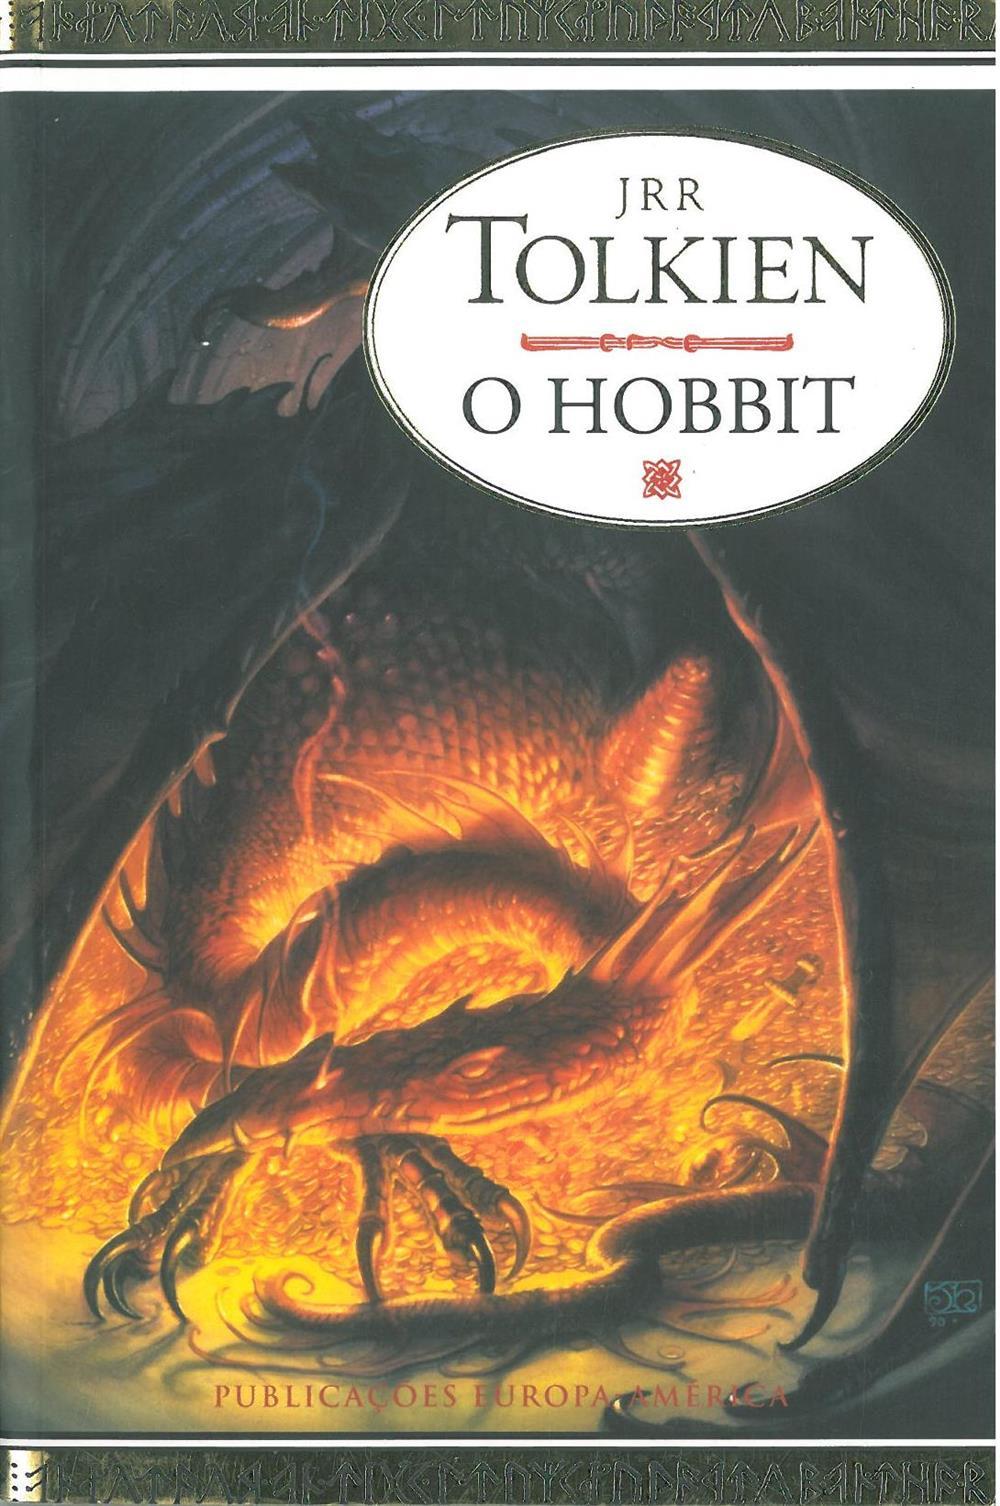 O Hobbit.jpg